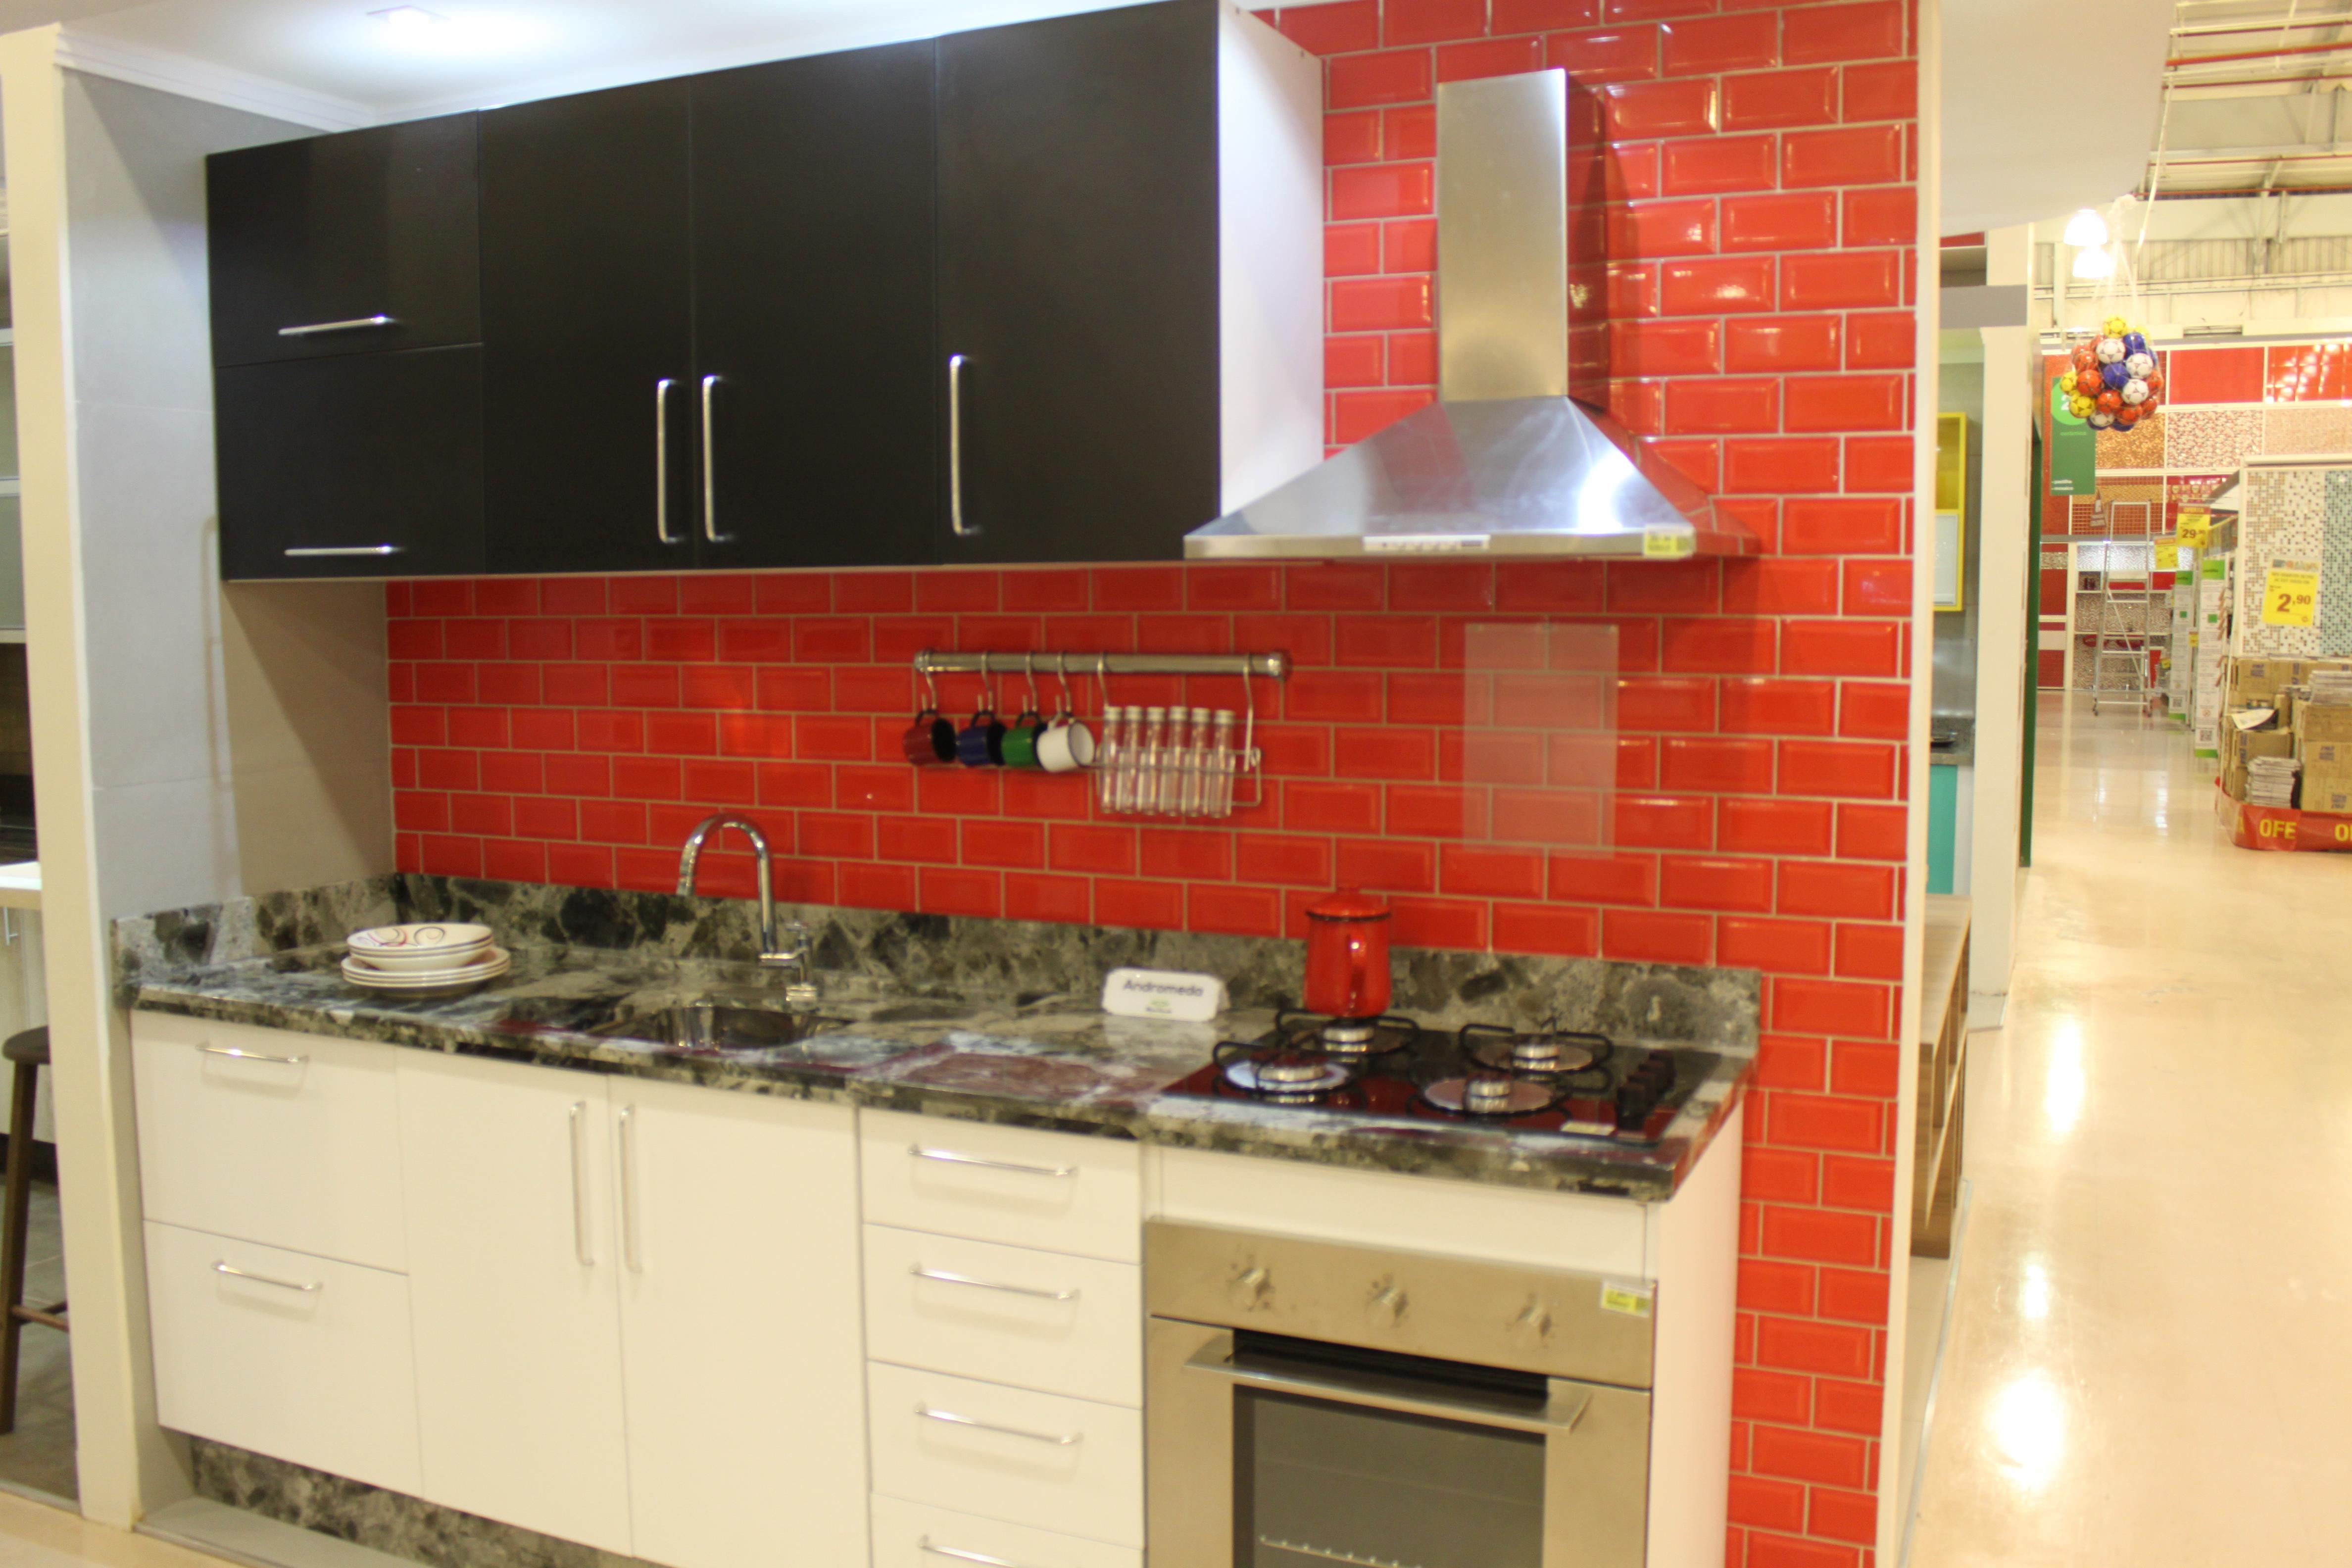 Cozinhas planejadas da leroy merlin curitiba sul leroy - Baneras pequenas leroy merlin ...